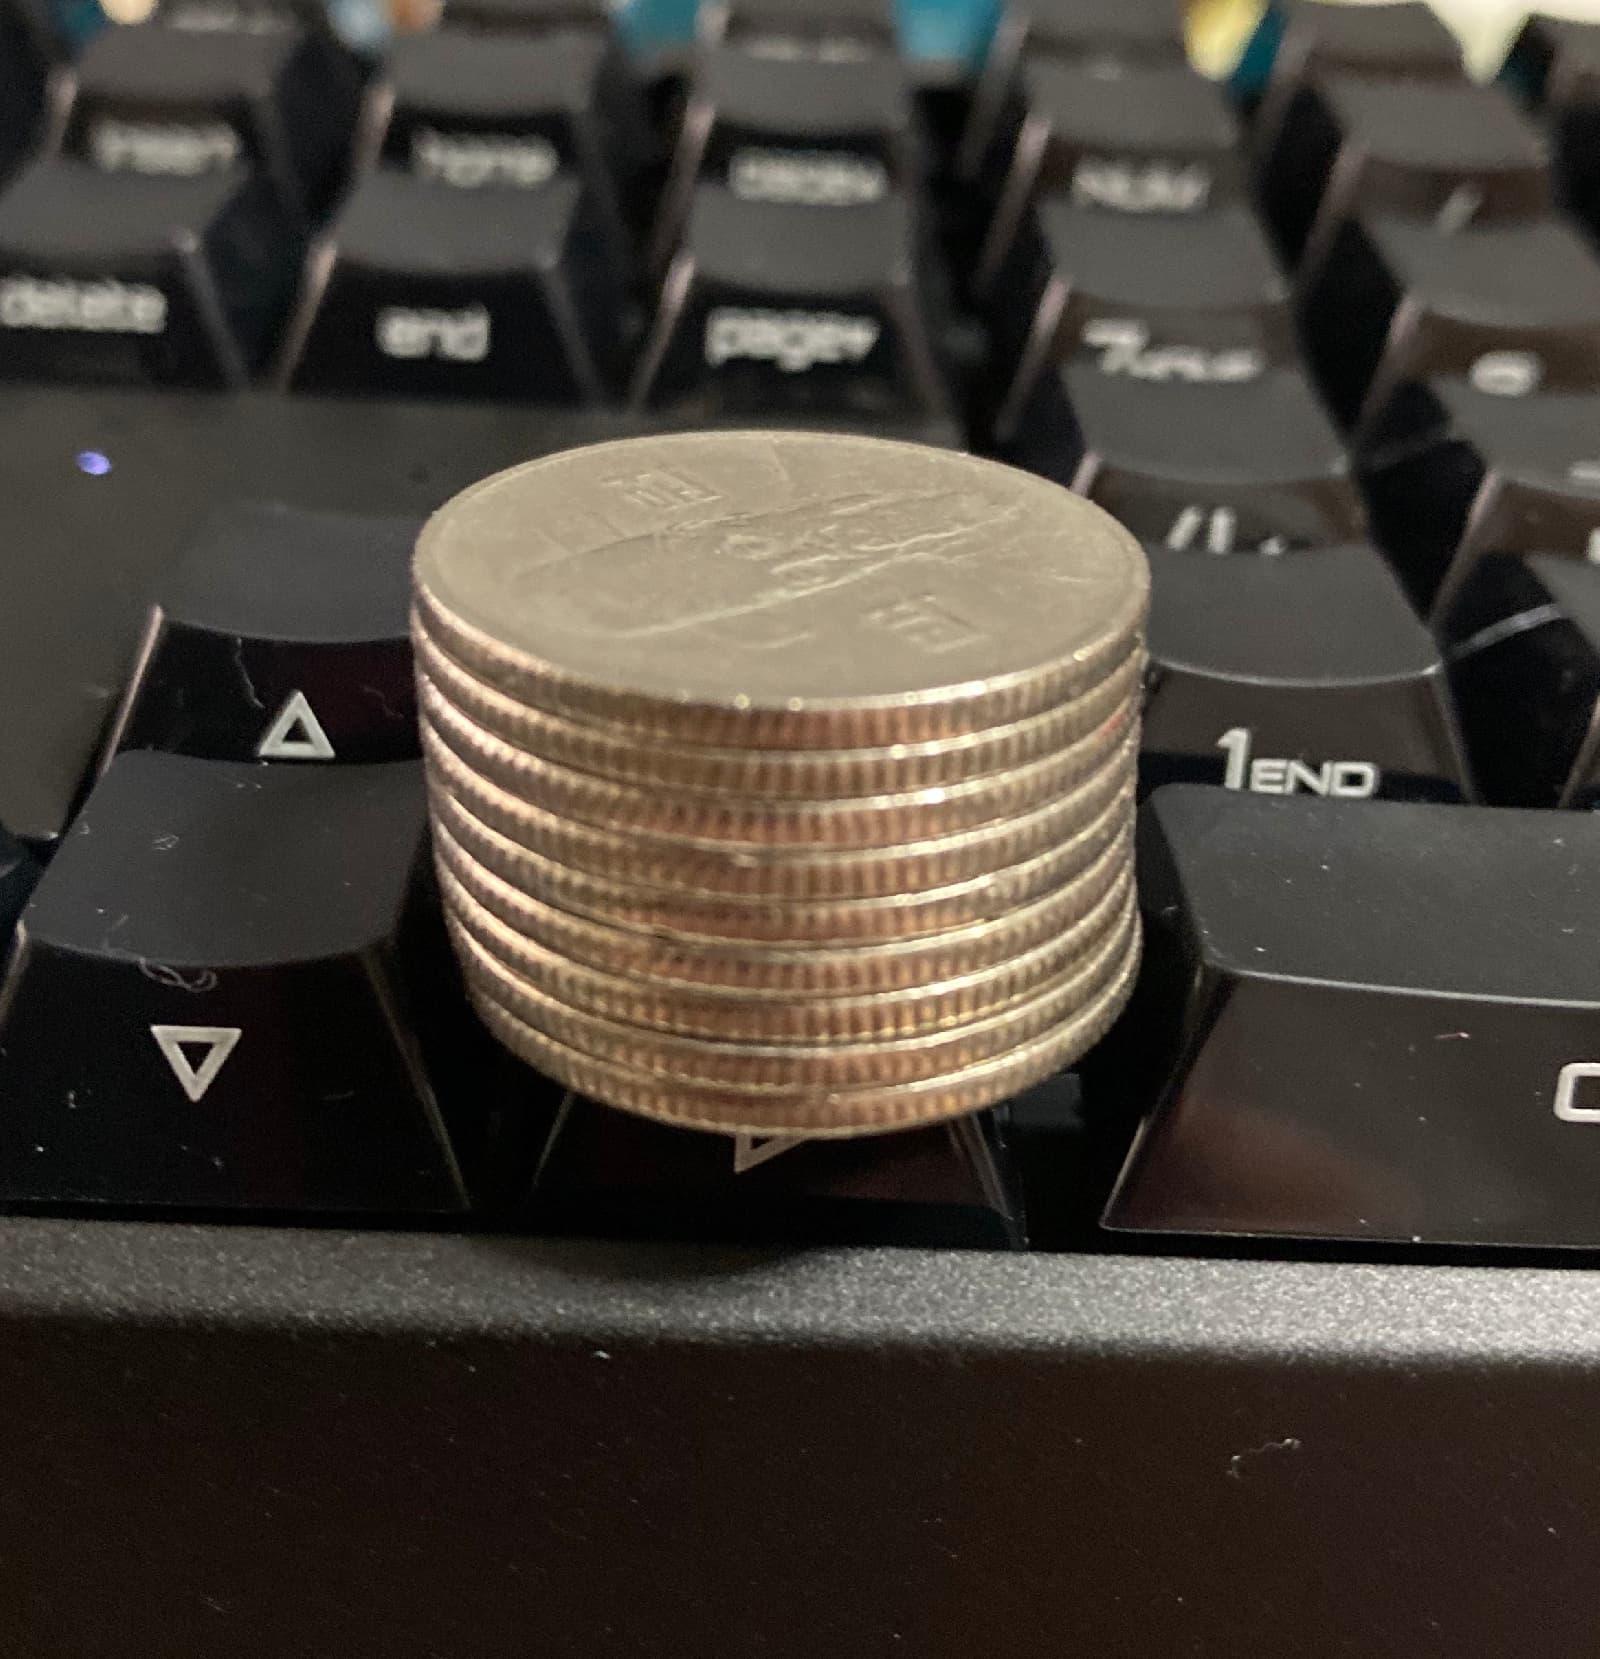 체리 MX 보드 3.0S 키보드 100원 동전 키압 테스트